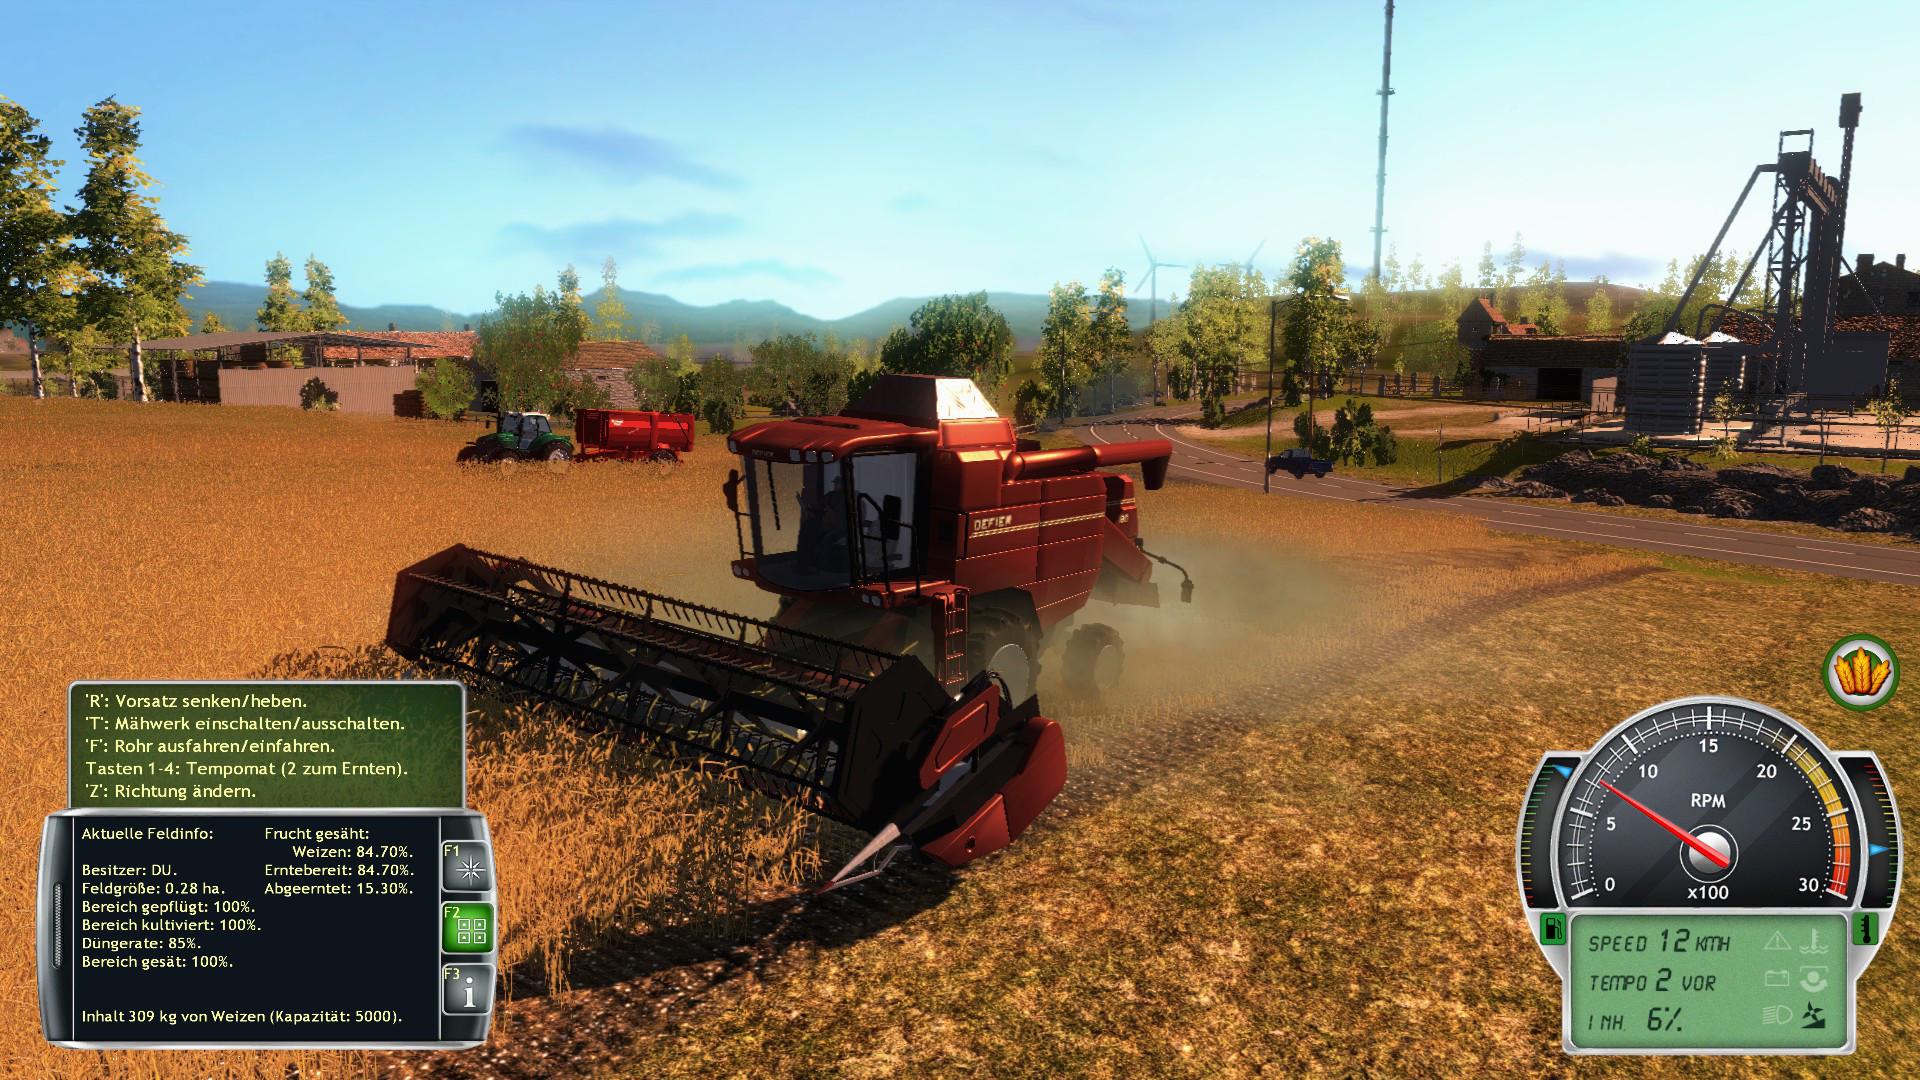 nat-games-der landwirt 2014-gameplay